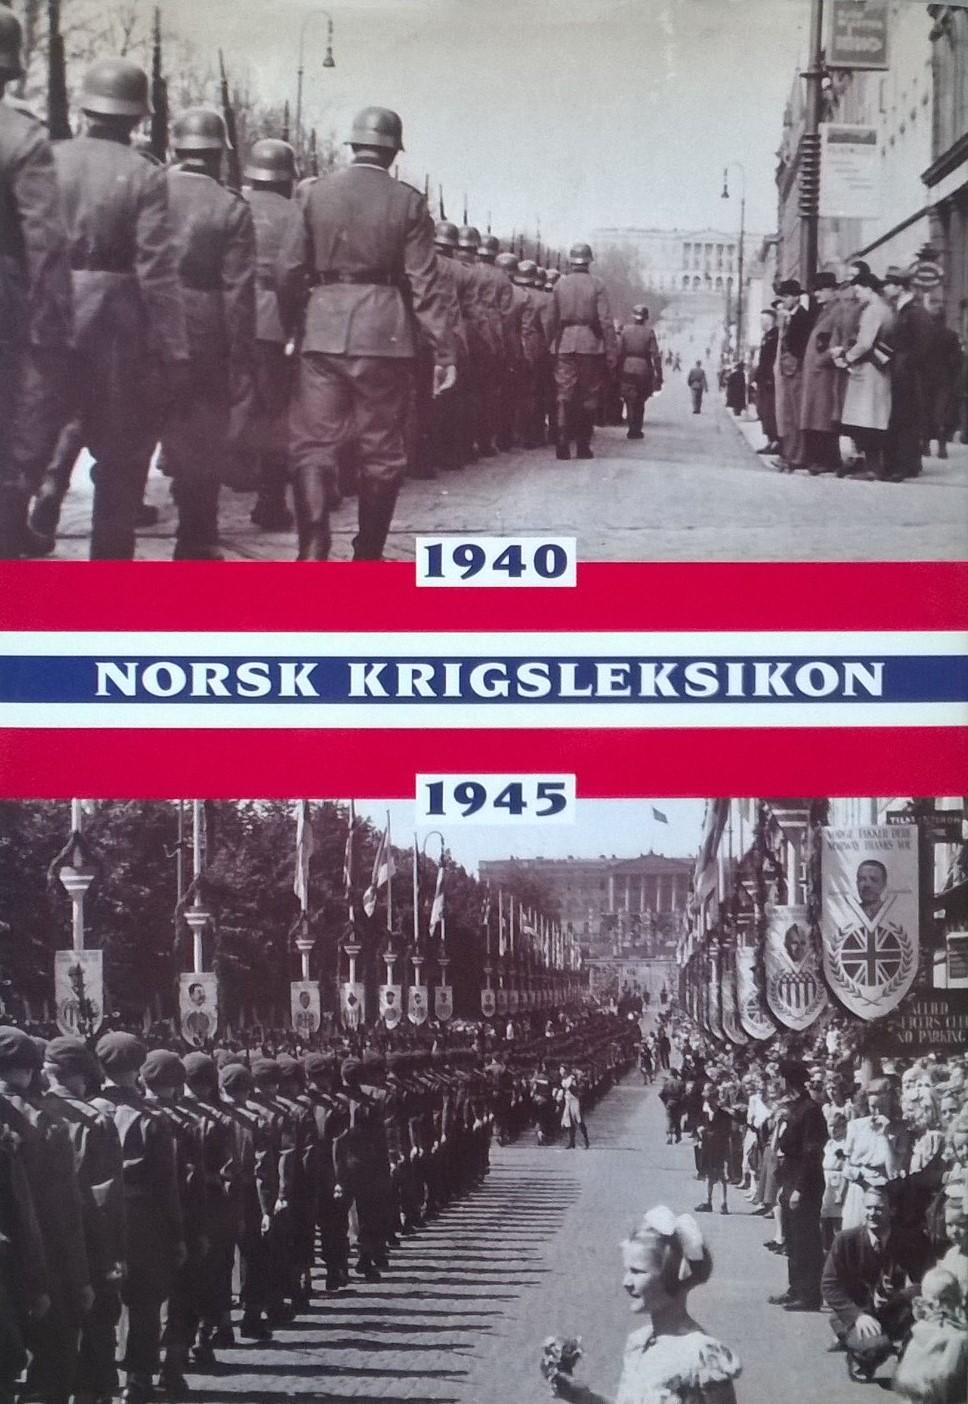 Dahl, Hans Fredrik, Guri Hjeltnes, Berit Nøkleby m.fl. (red.) Norsk krigsleksikon 1940—45